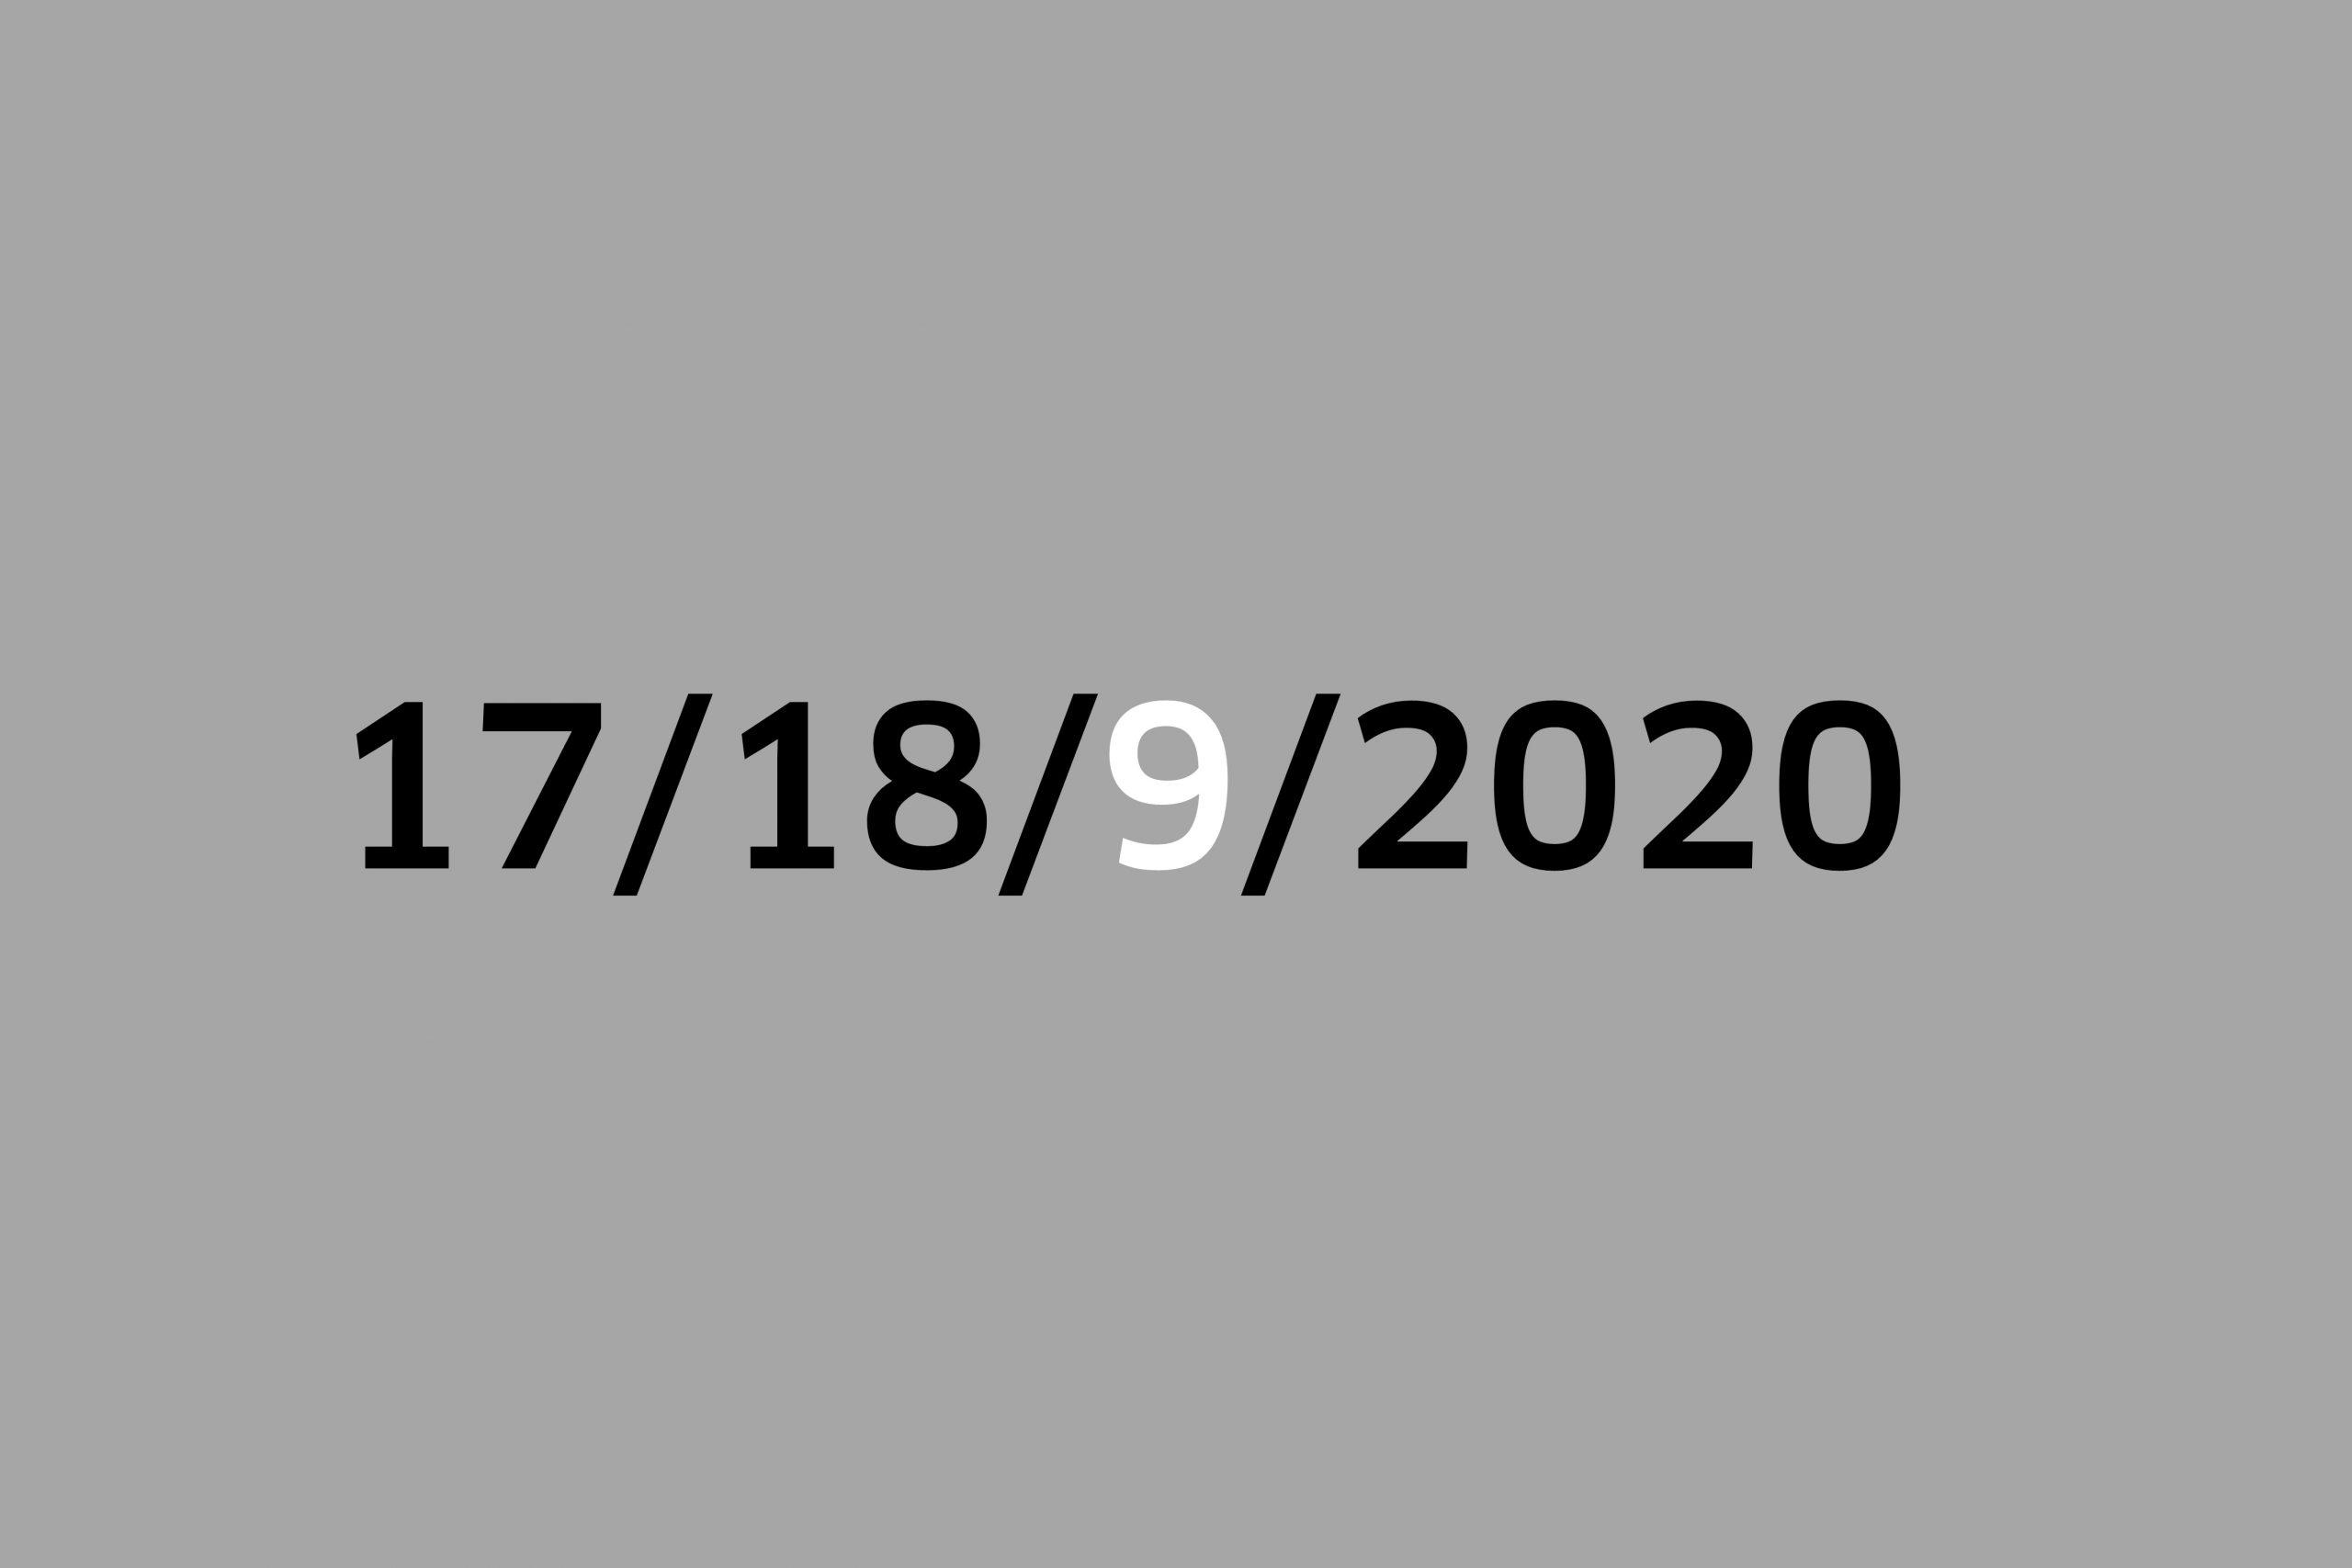 Studio 17-18/9/2020